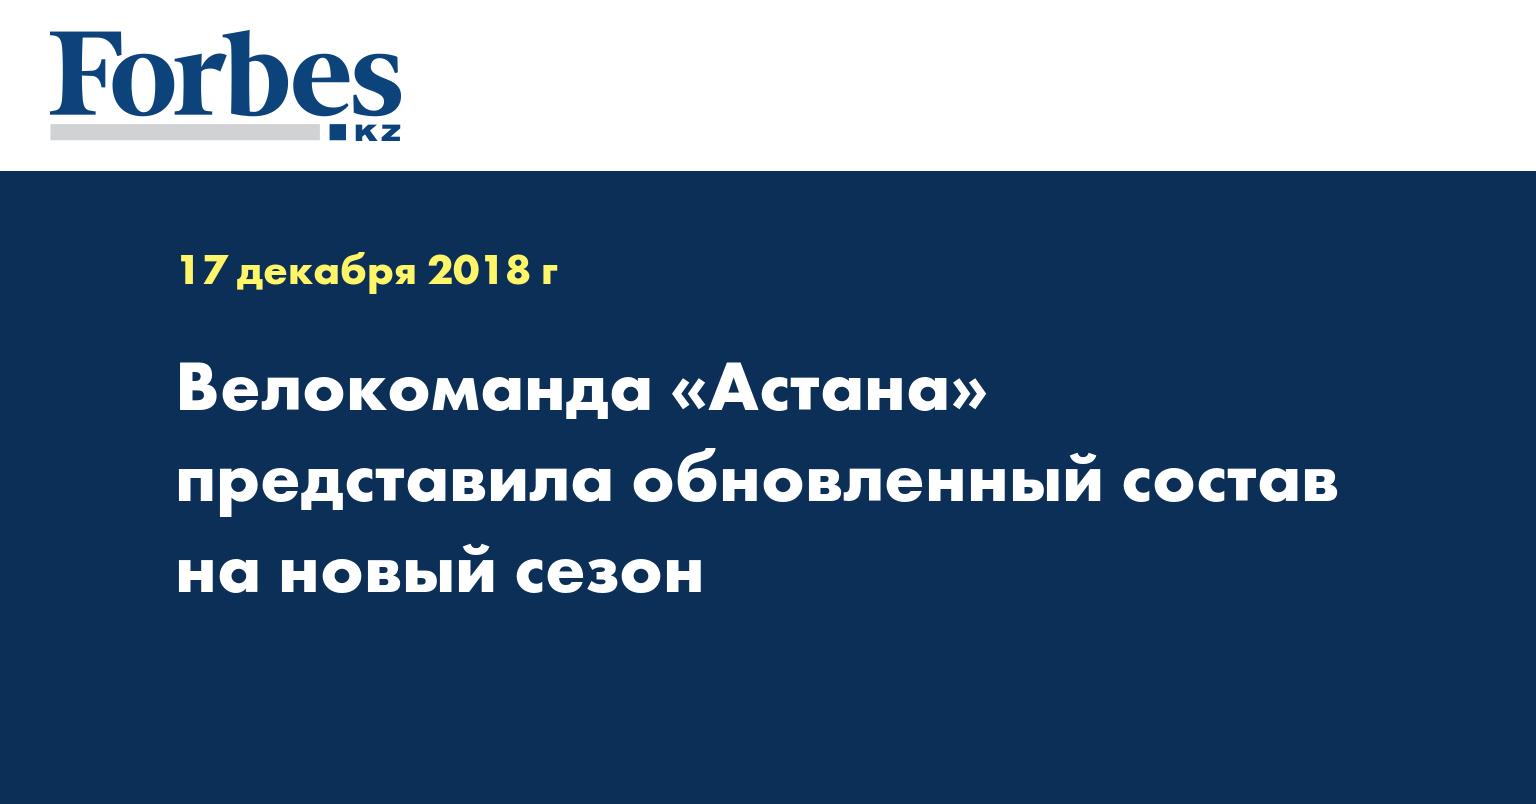 Велокоманда «Астана» представила обновленный состав на новый сезон